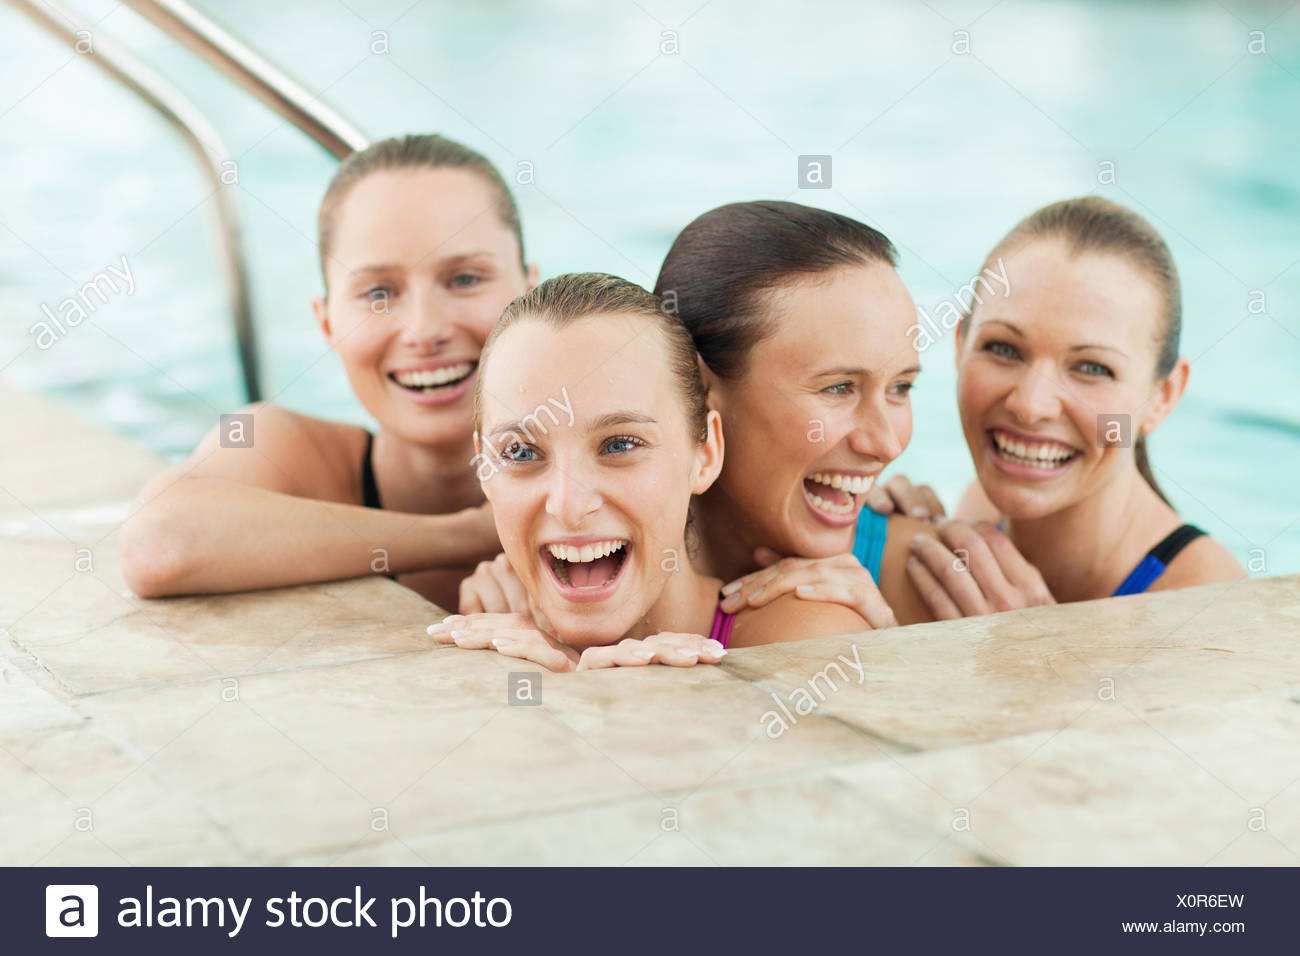 Retrato de mujer joven sonriente en la piscina Imagen De Stock